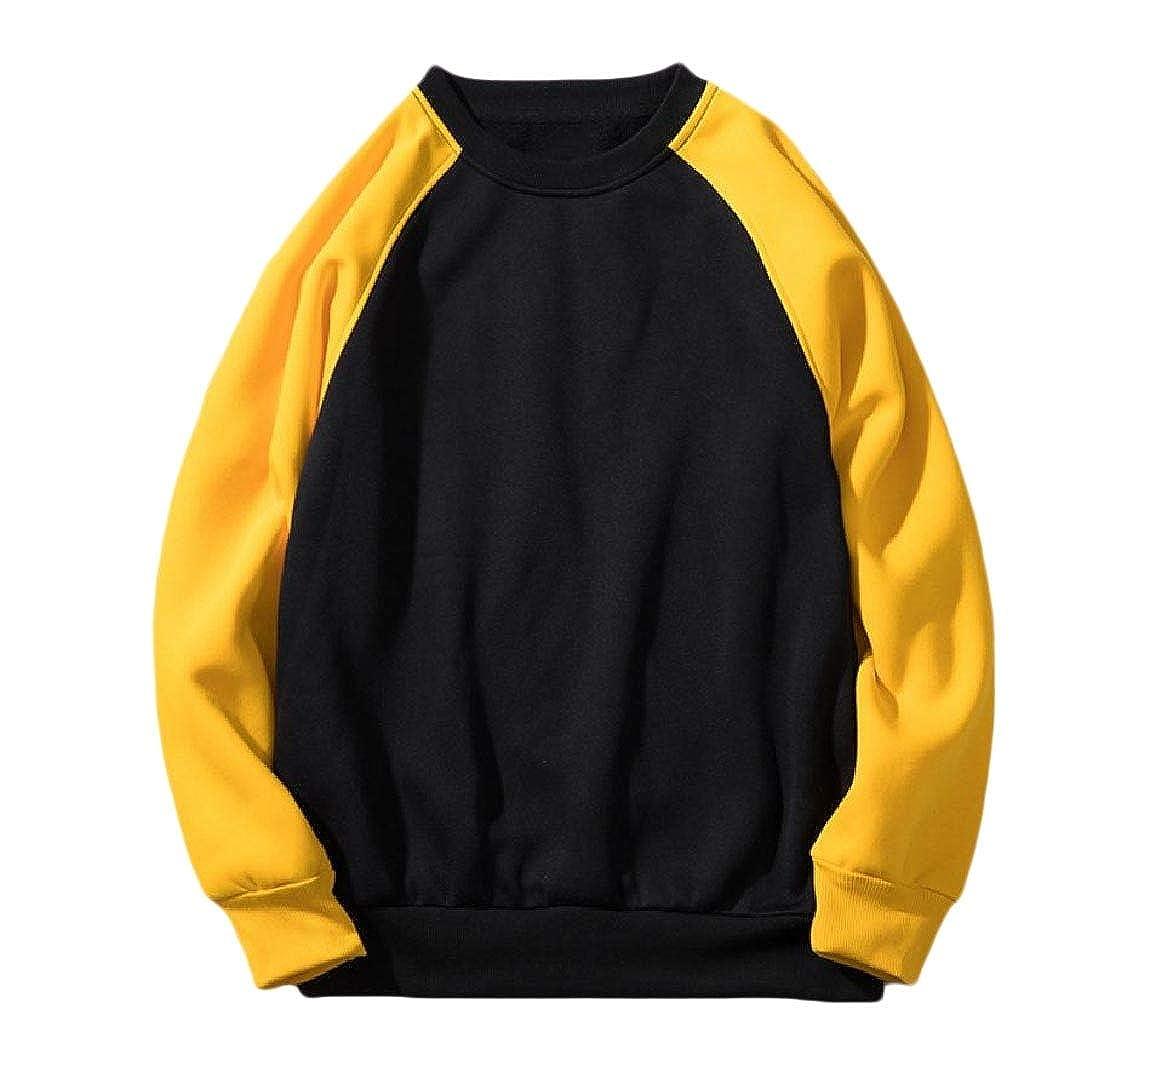 YUNY Mens Contrast Casual Raglan Sport Crew Neck Jacket Sweatshirts Black S